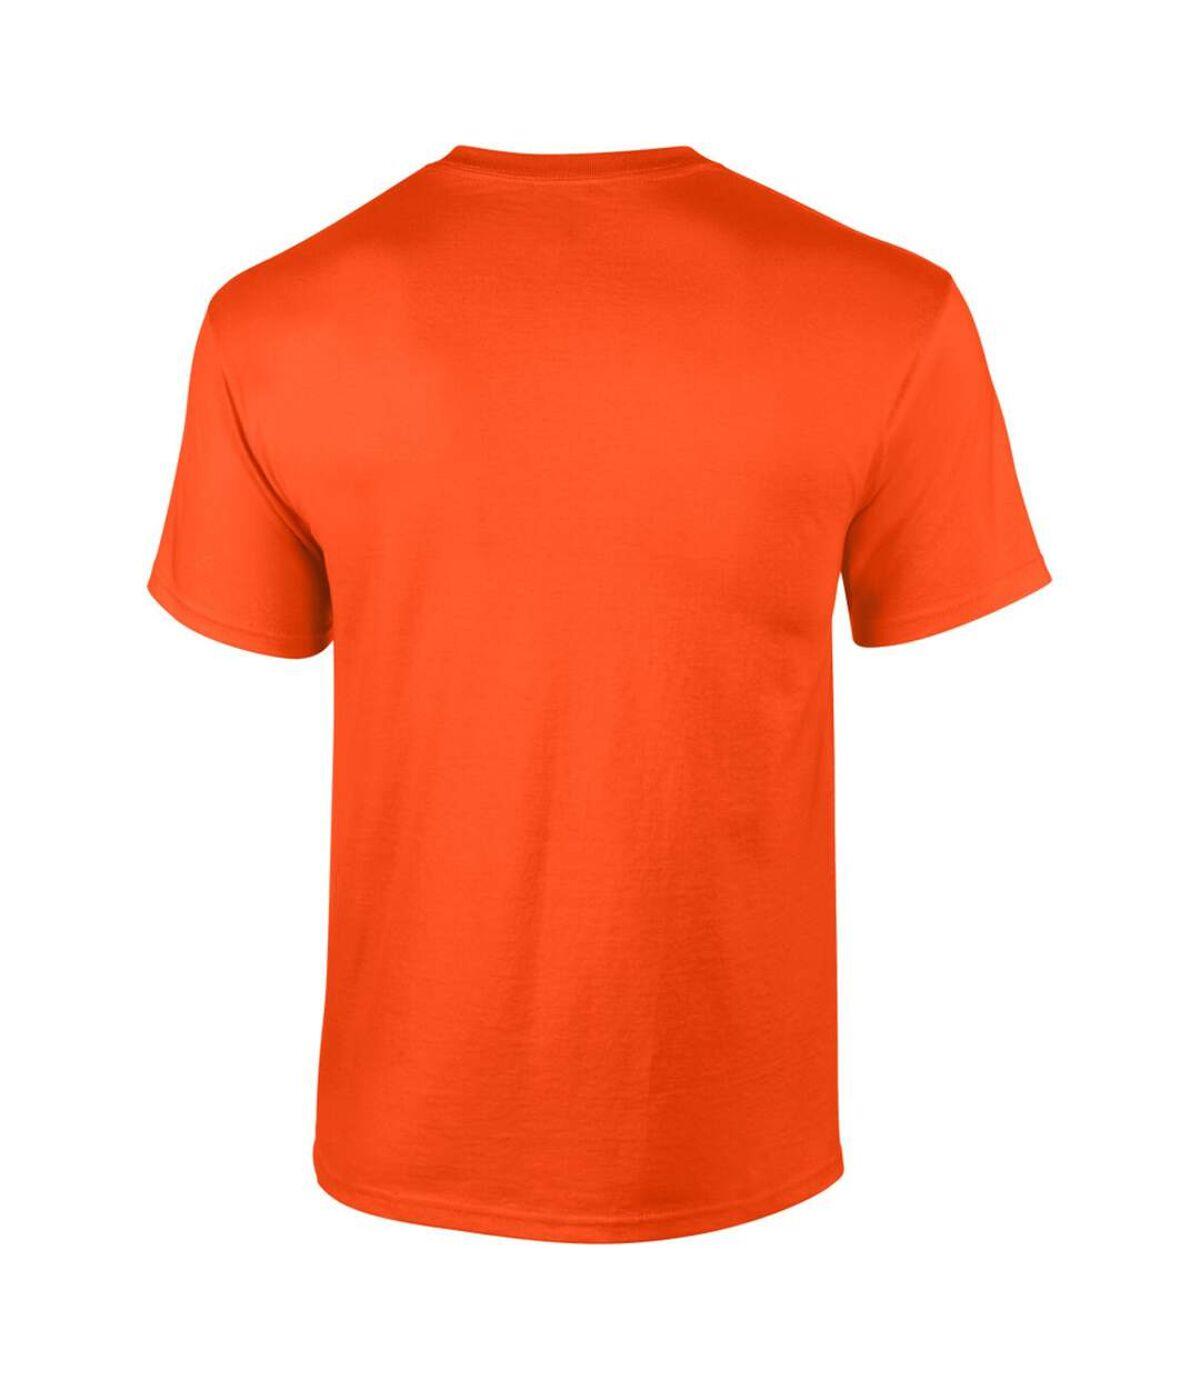 Gildan - T-shirt à manches courtes - Homme (Gris foncé) - UTBC475